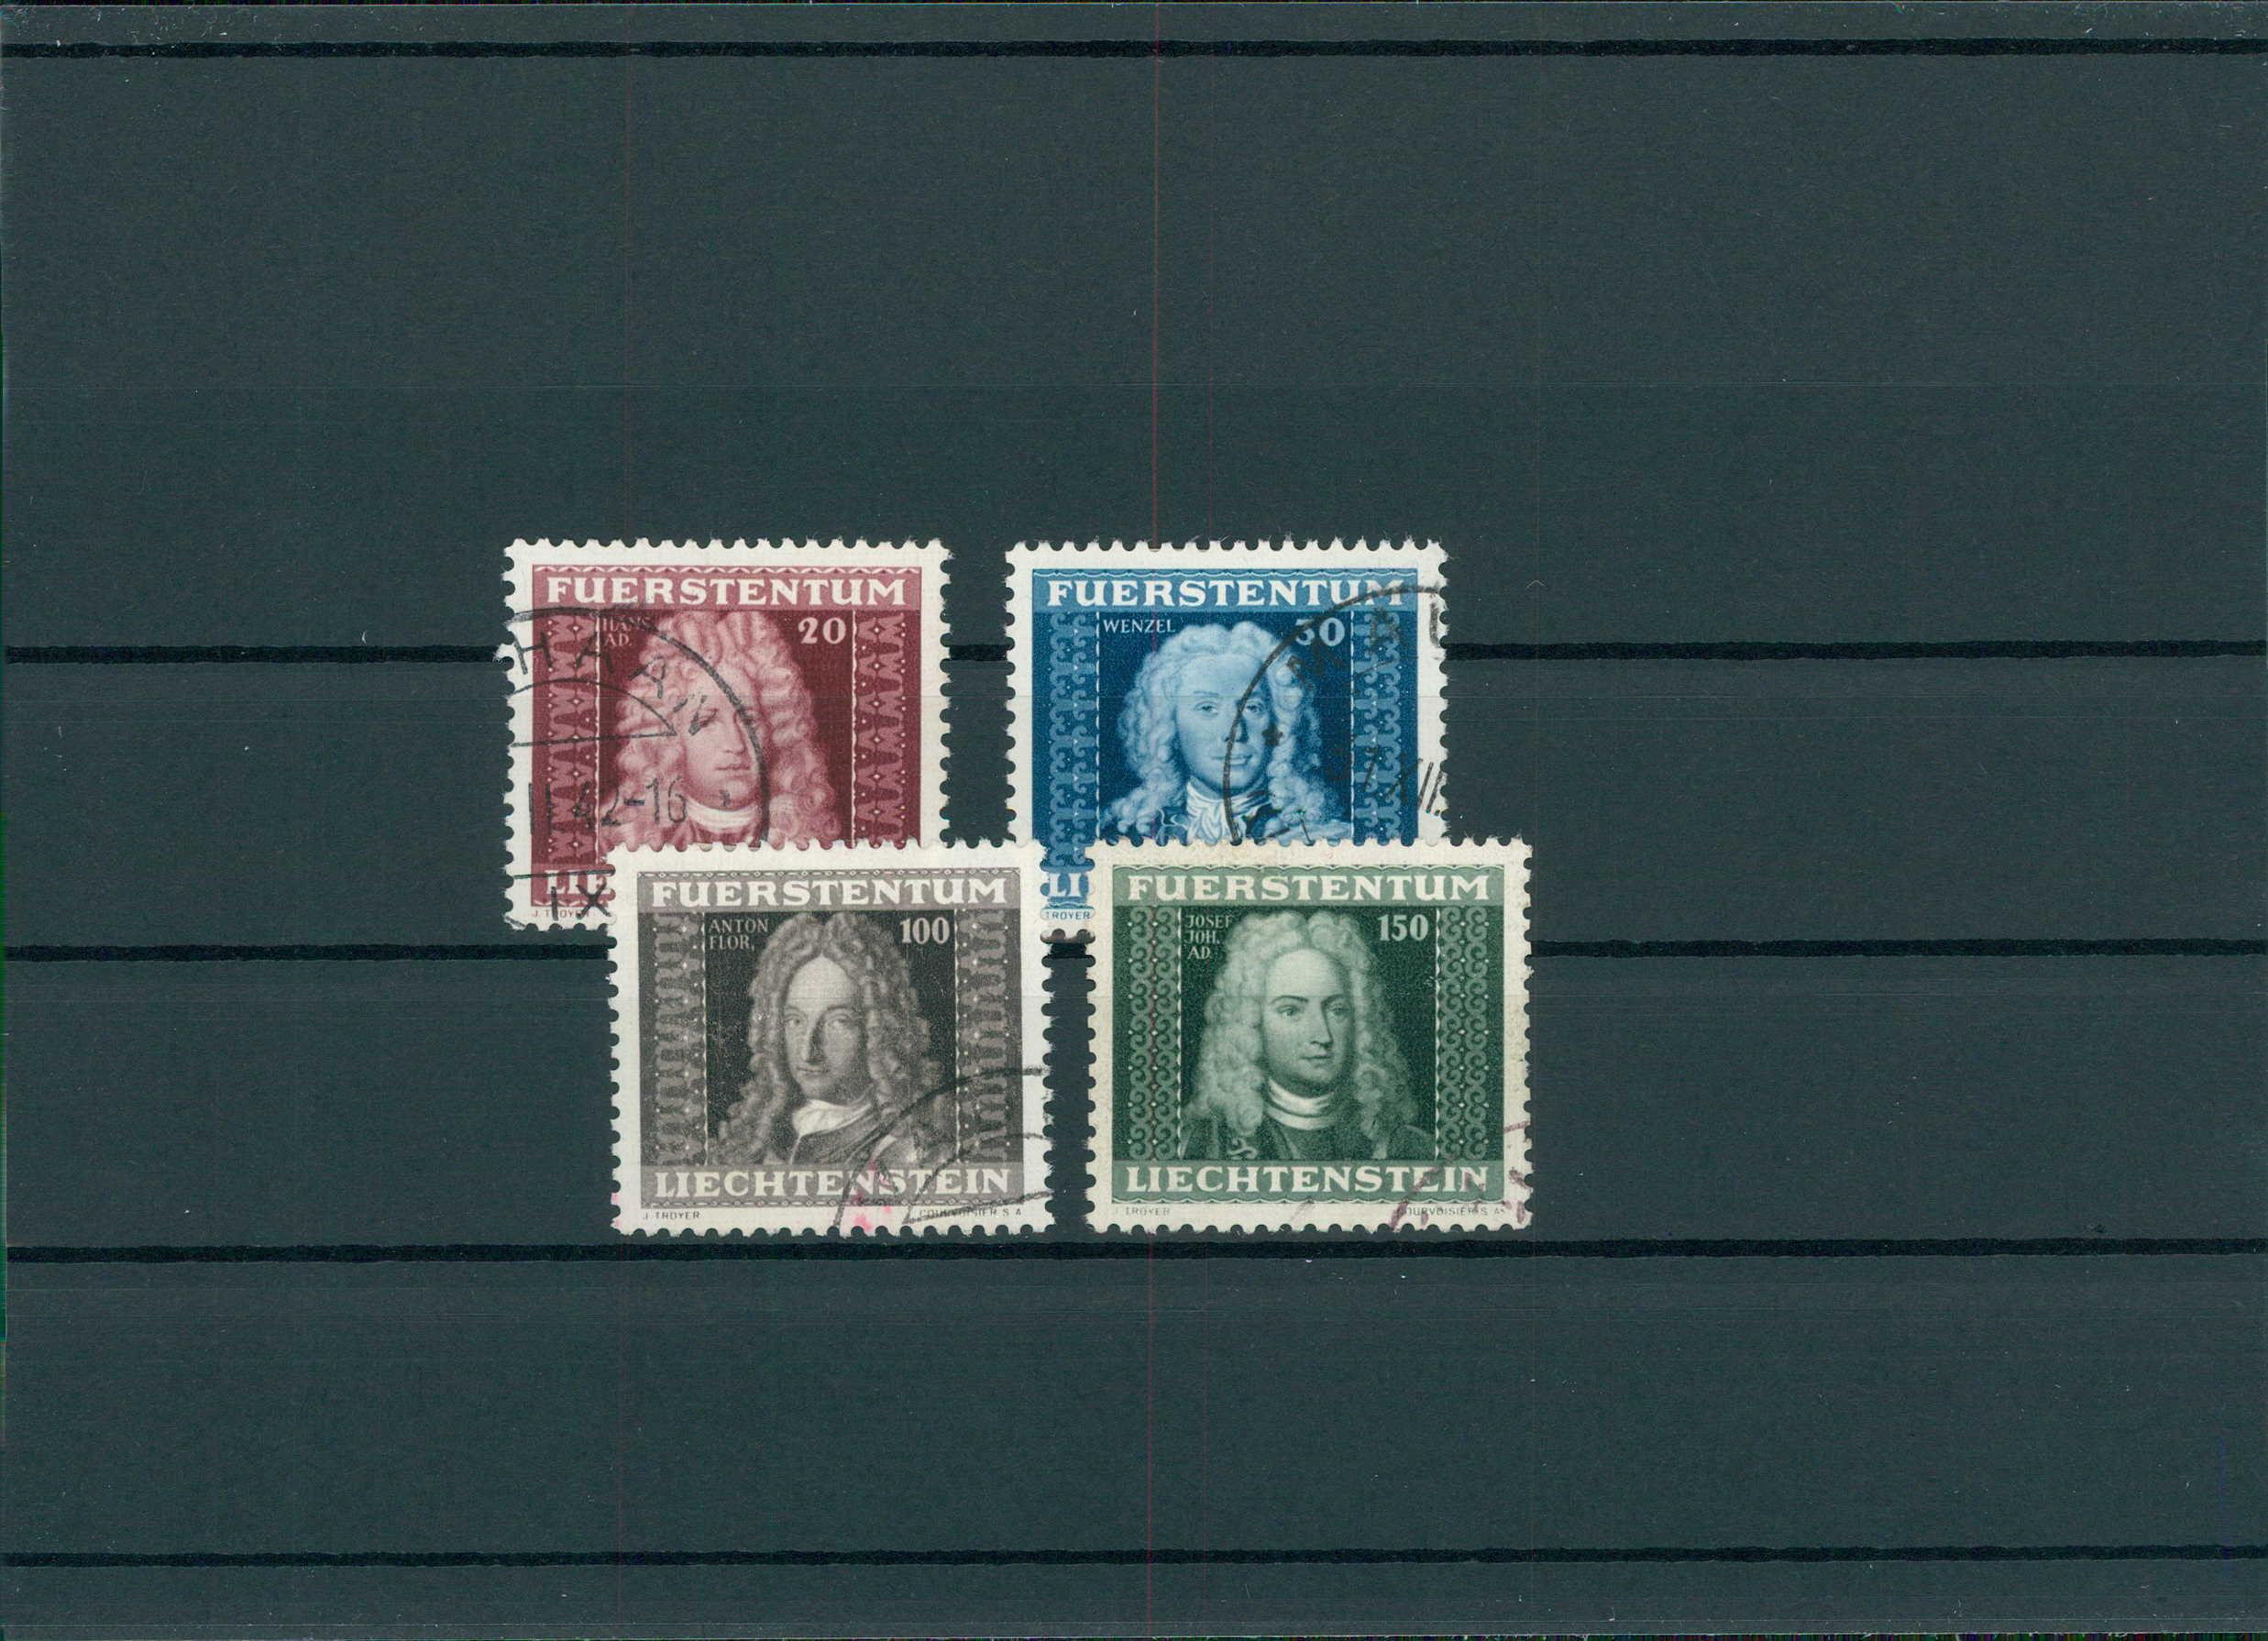 Dänemark Michelnummer 890 Postfrisch Briefmarken Europa europa:8812